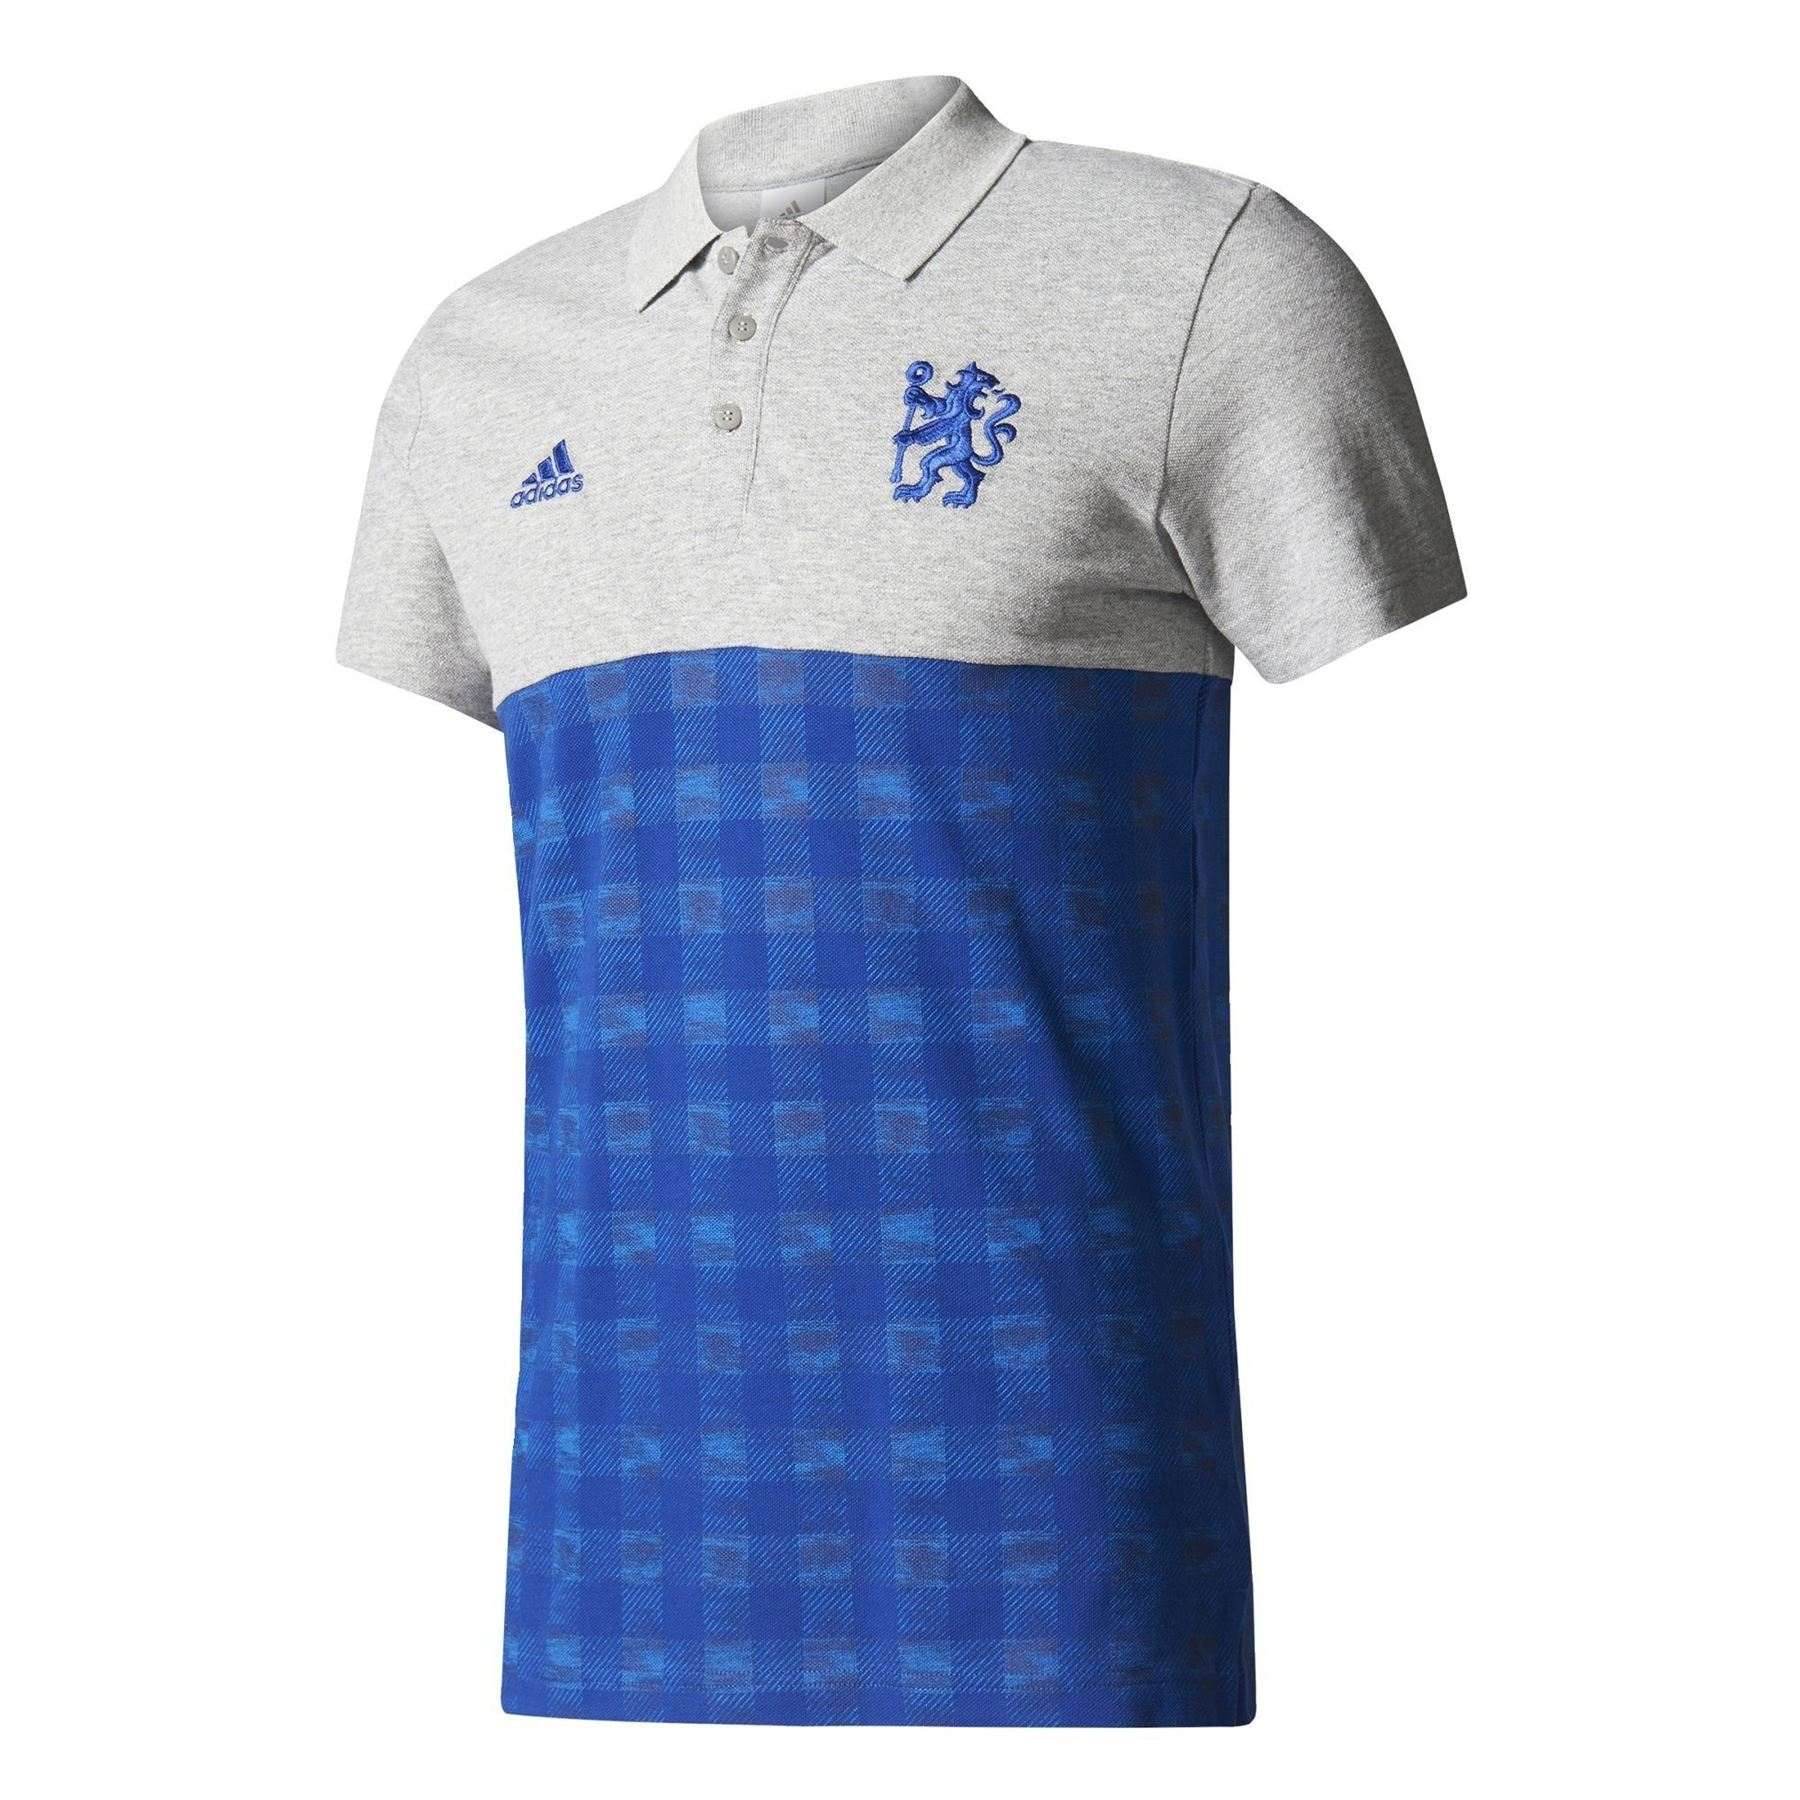 0da8aa3012f89 Adidas CHELSEA FC contraste camisa POLO azul gris fútbol SOCCER los hombres  nueva